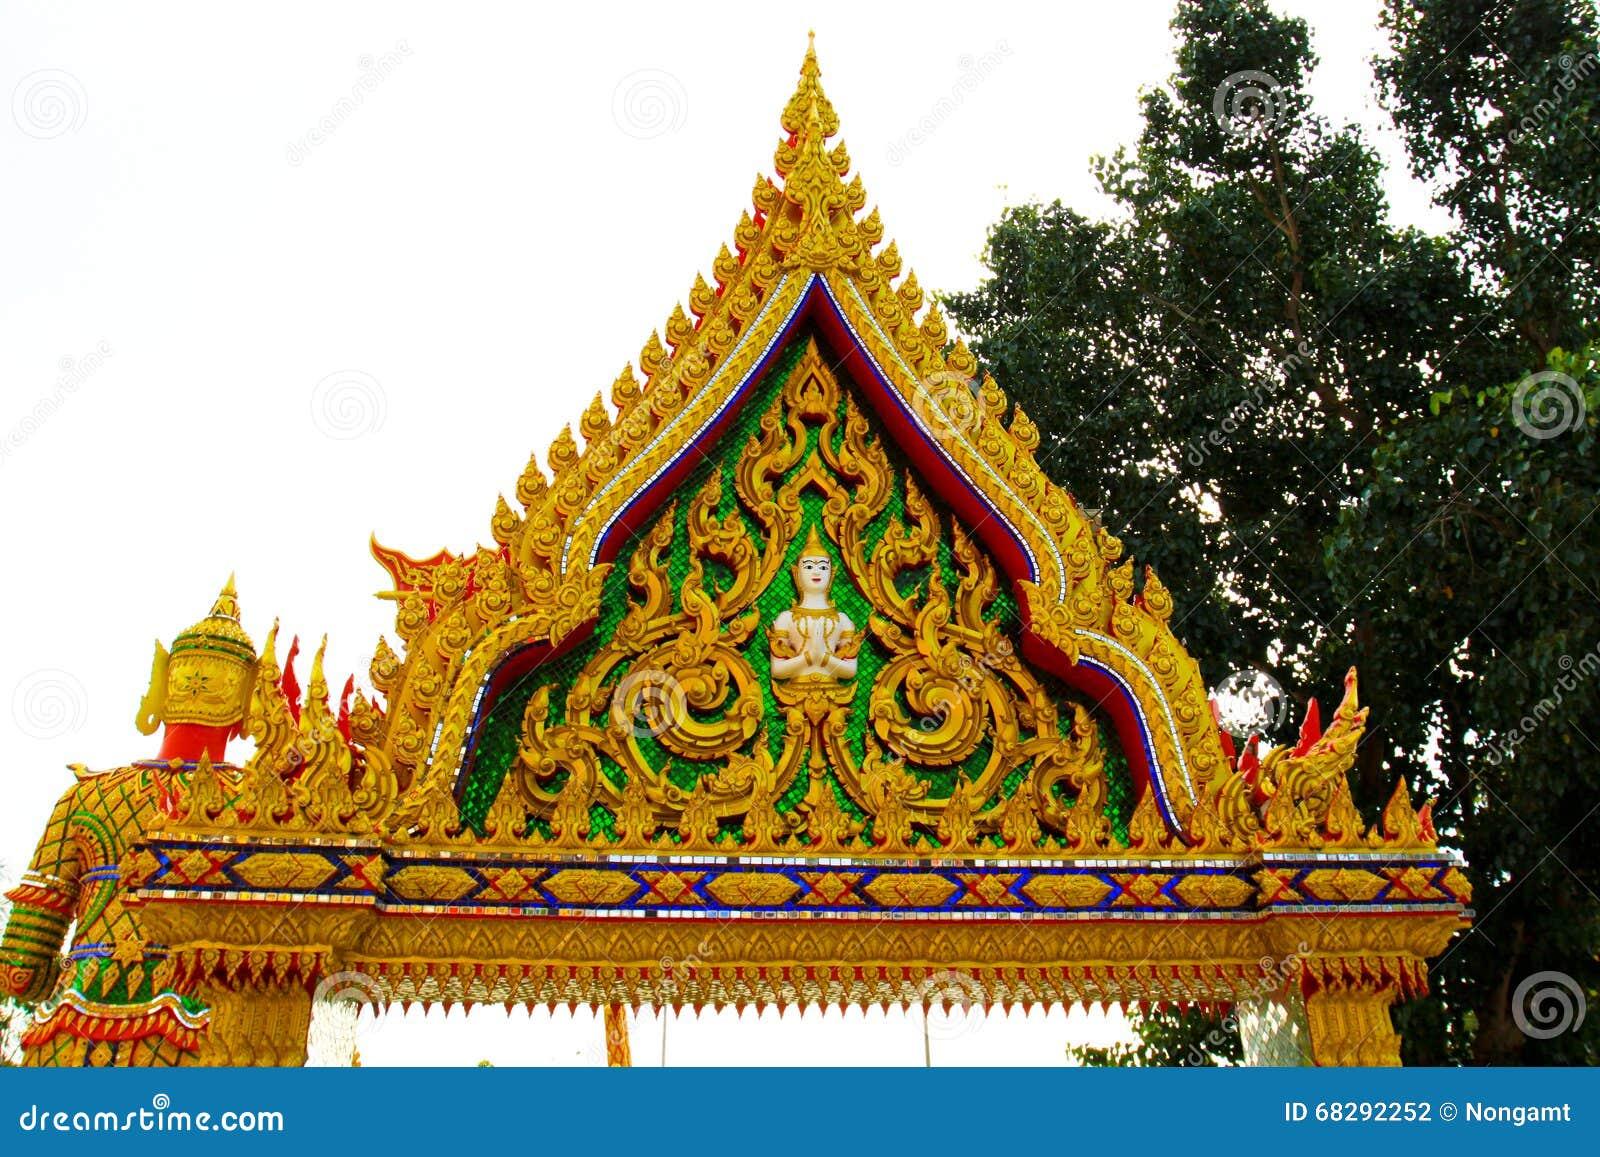 Thaise de Tempelpoort van de godsdienst lokale architectuur